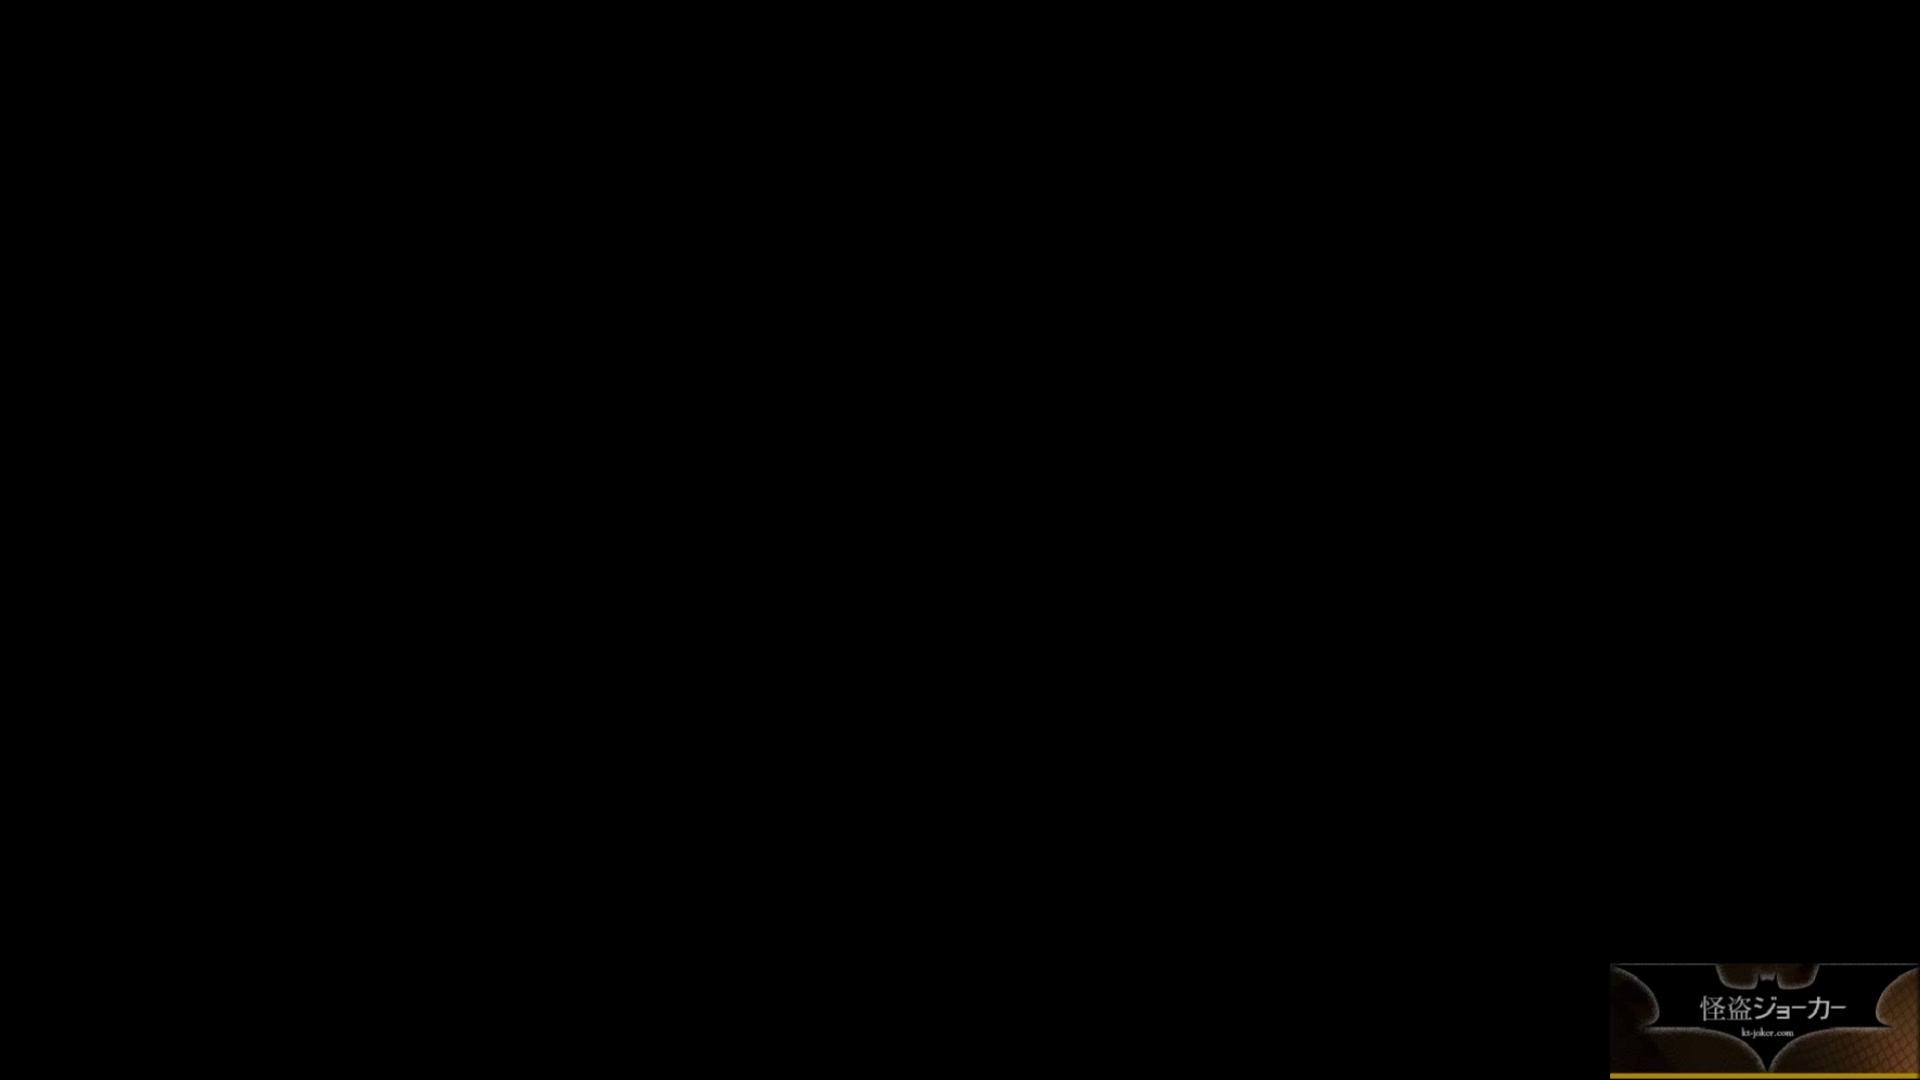 【未公開】vol.26 葵に群がる男たち。。。 友人・知人  95PIX 21